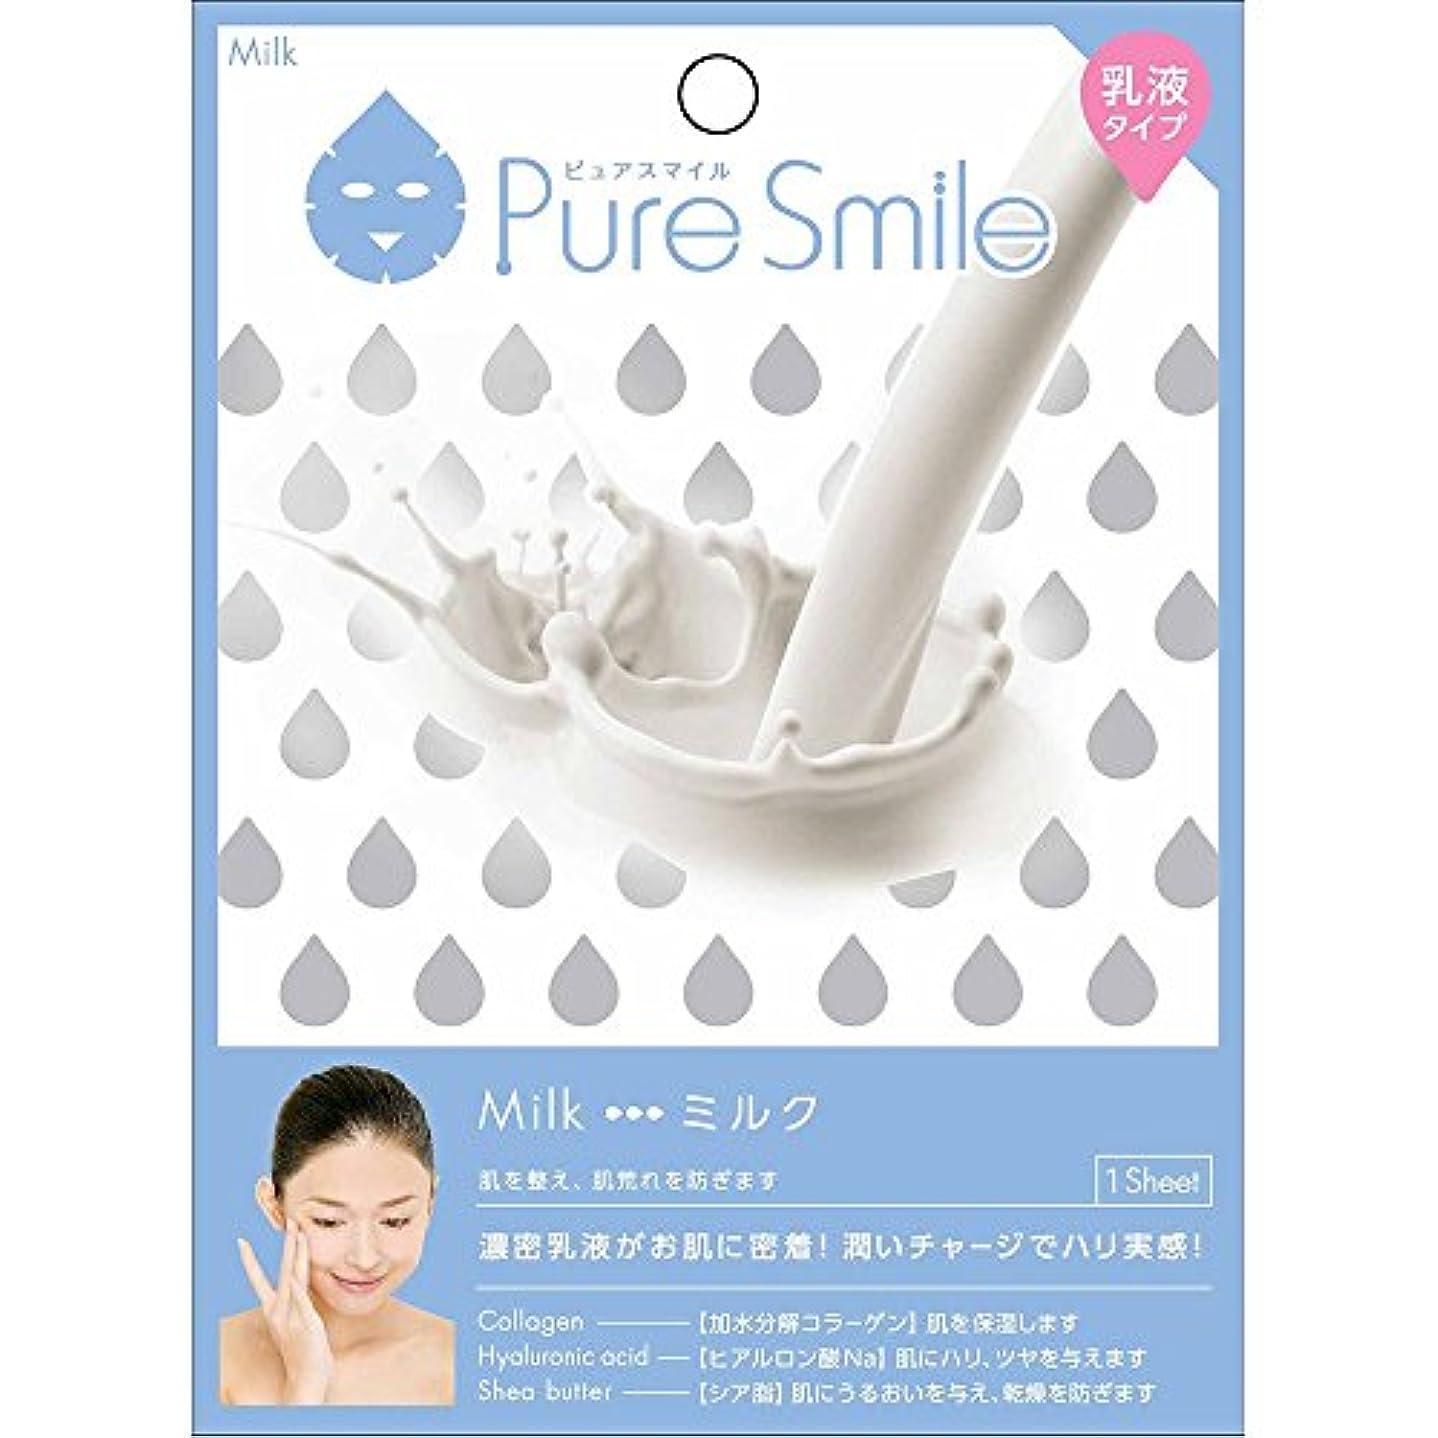 付き添い人ティーンエイジャー代わってPure Smile(ピュアスマイル) 乳液エッセンスマスク 1 枚 ミルク